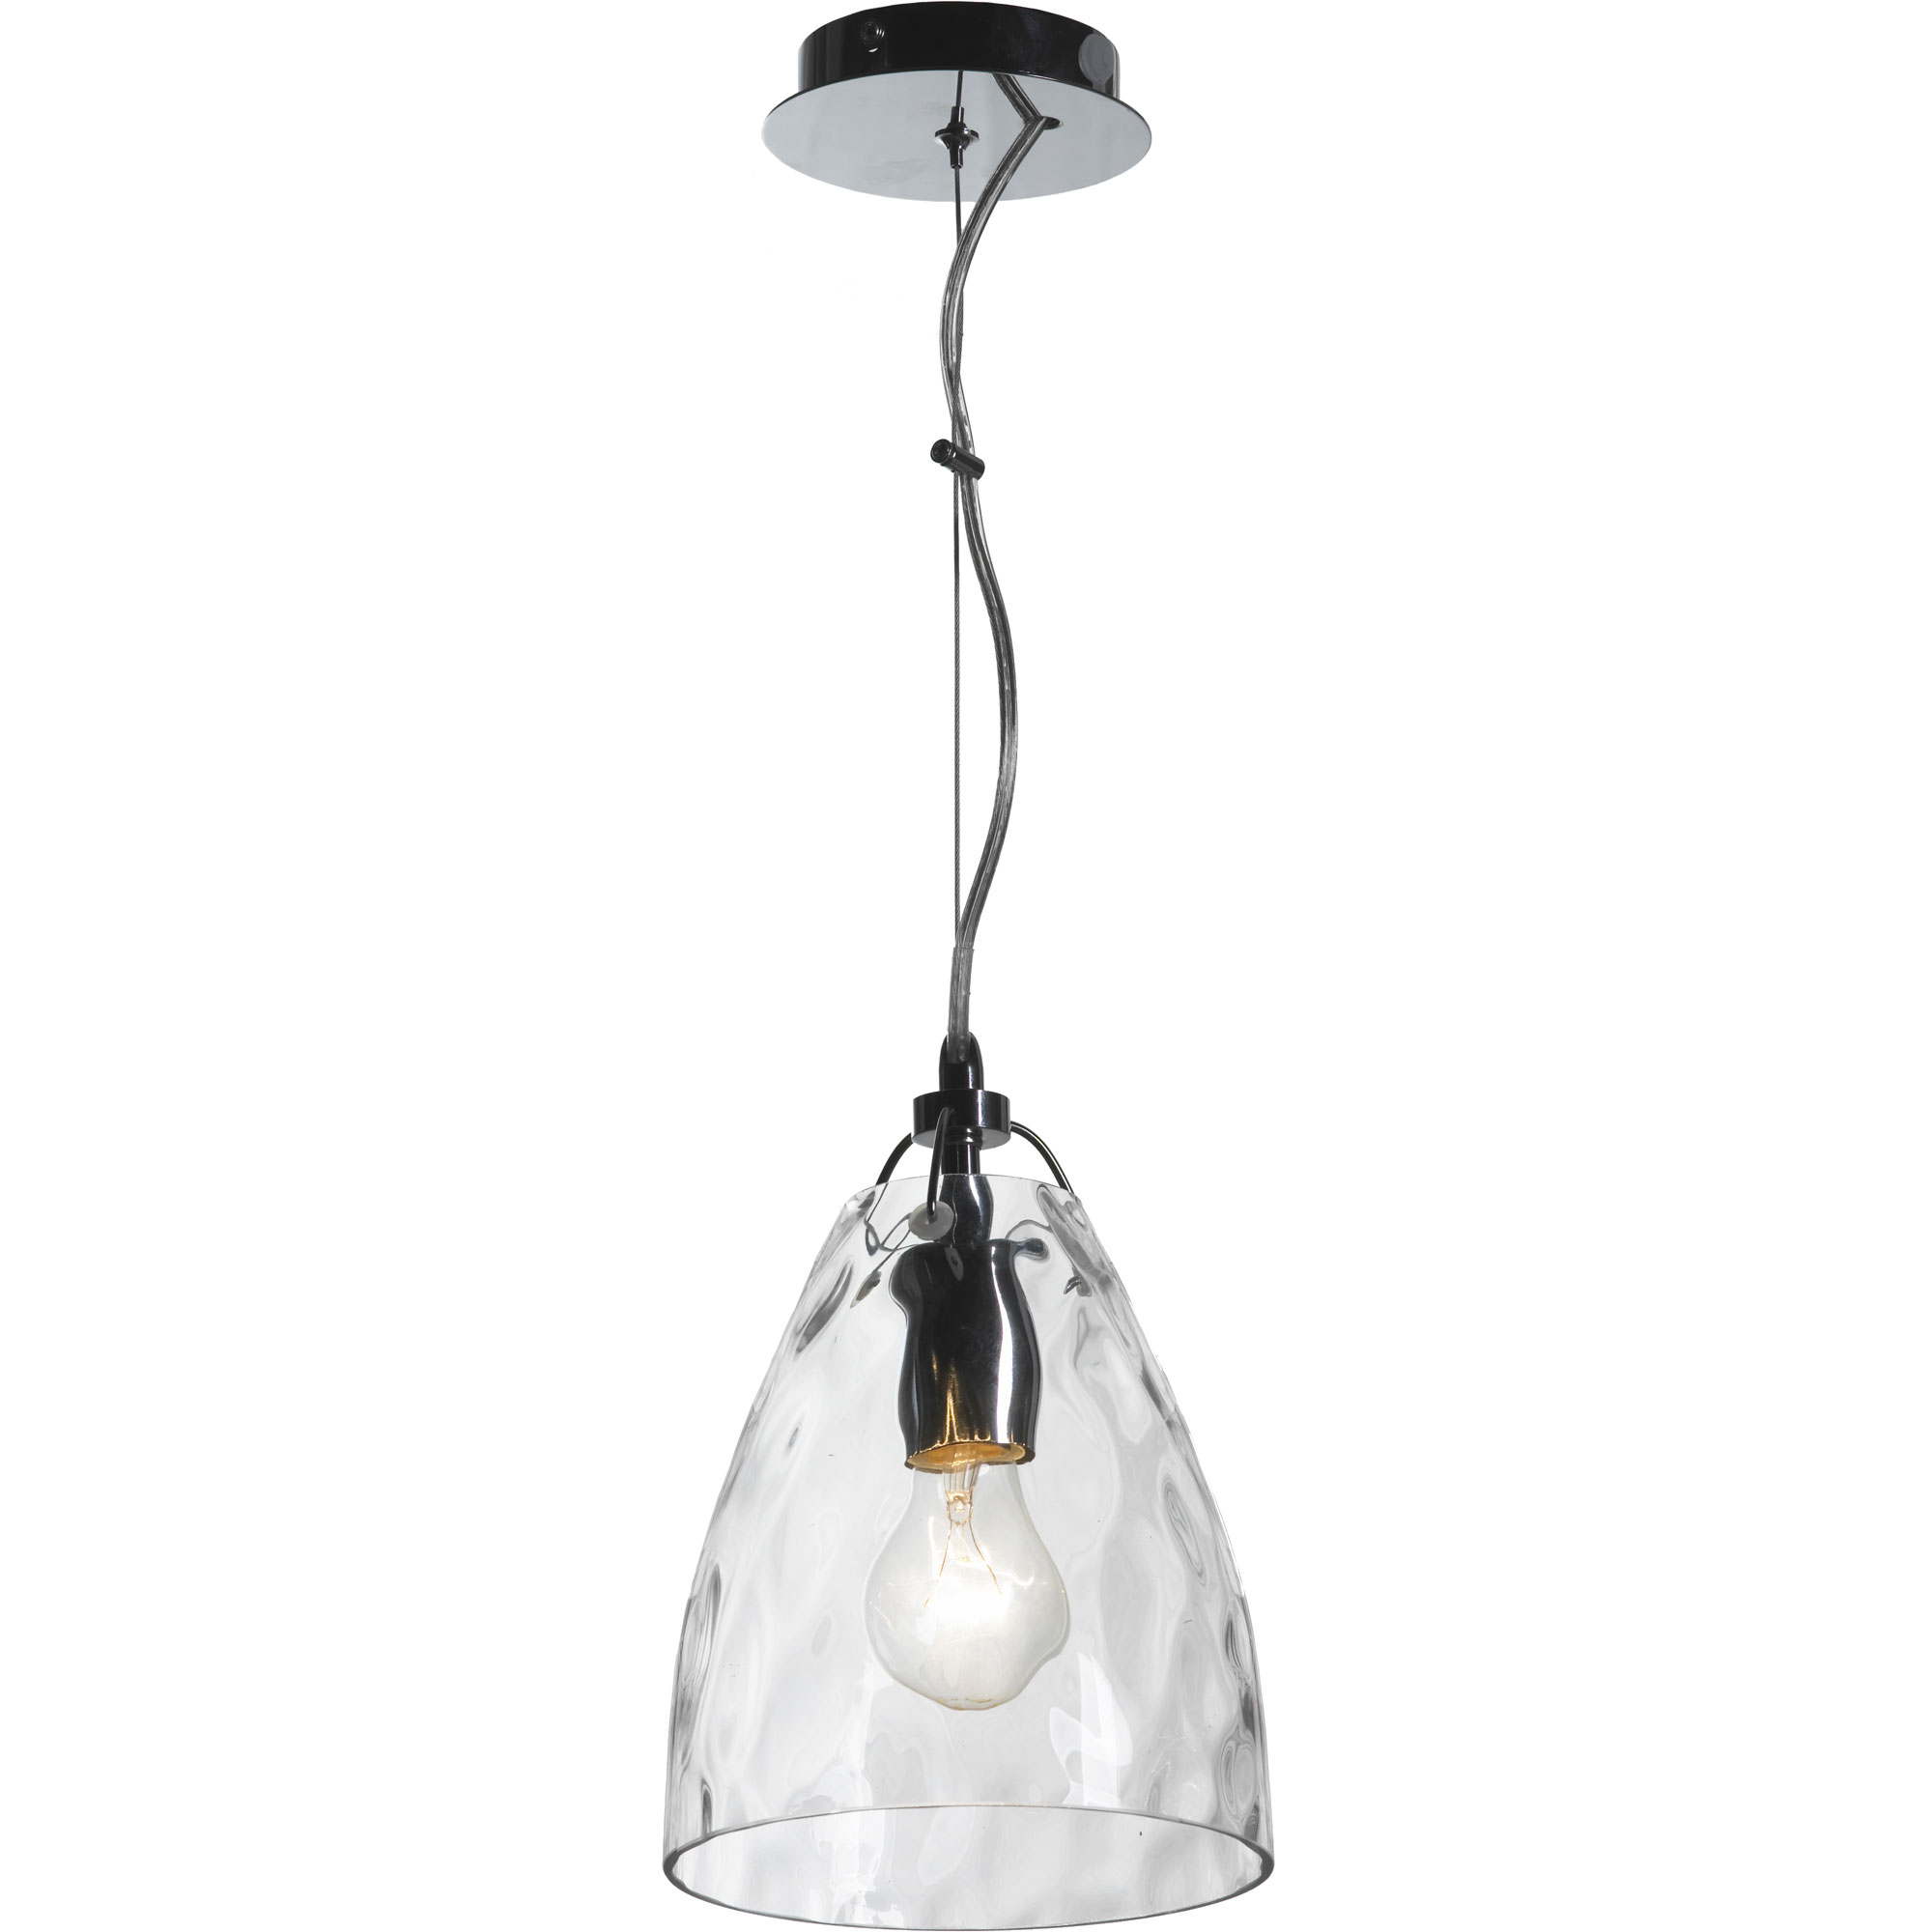 Светильник подвесной Loft Lsp-9630 светильник подвесной lussole loft lsp 9630